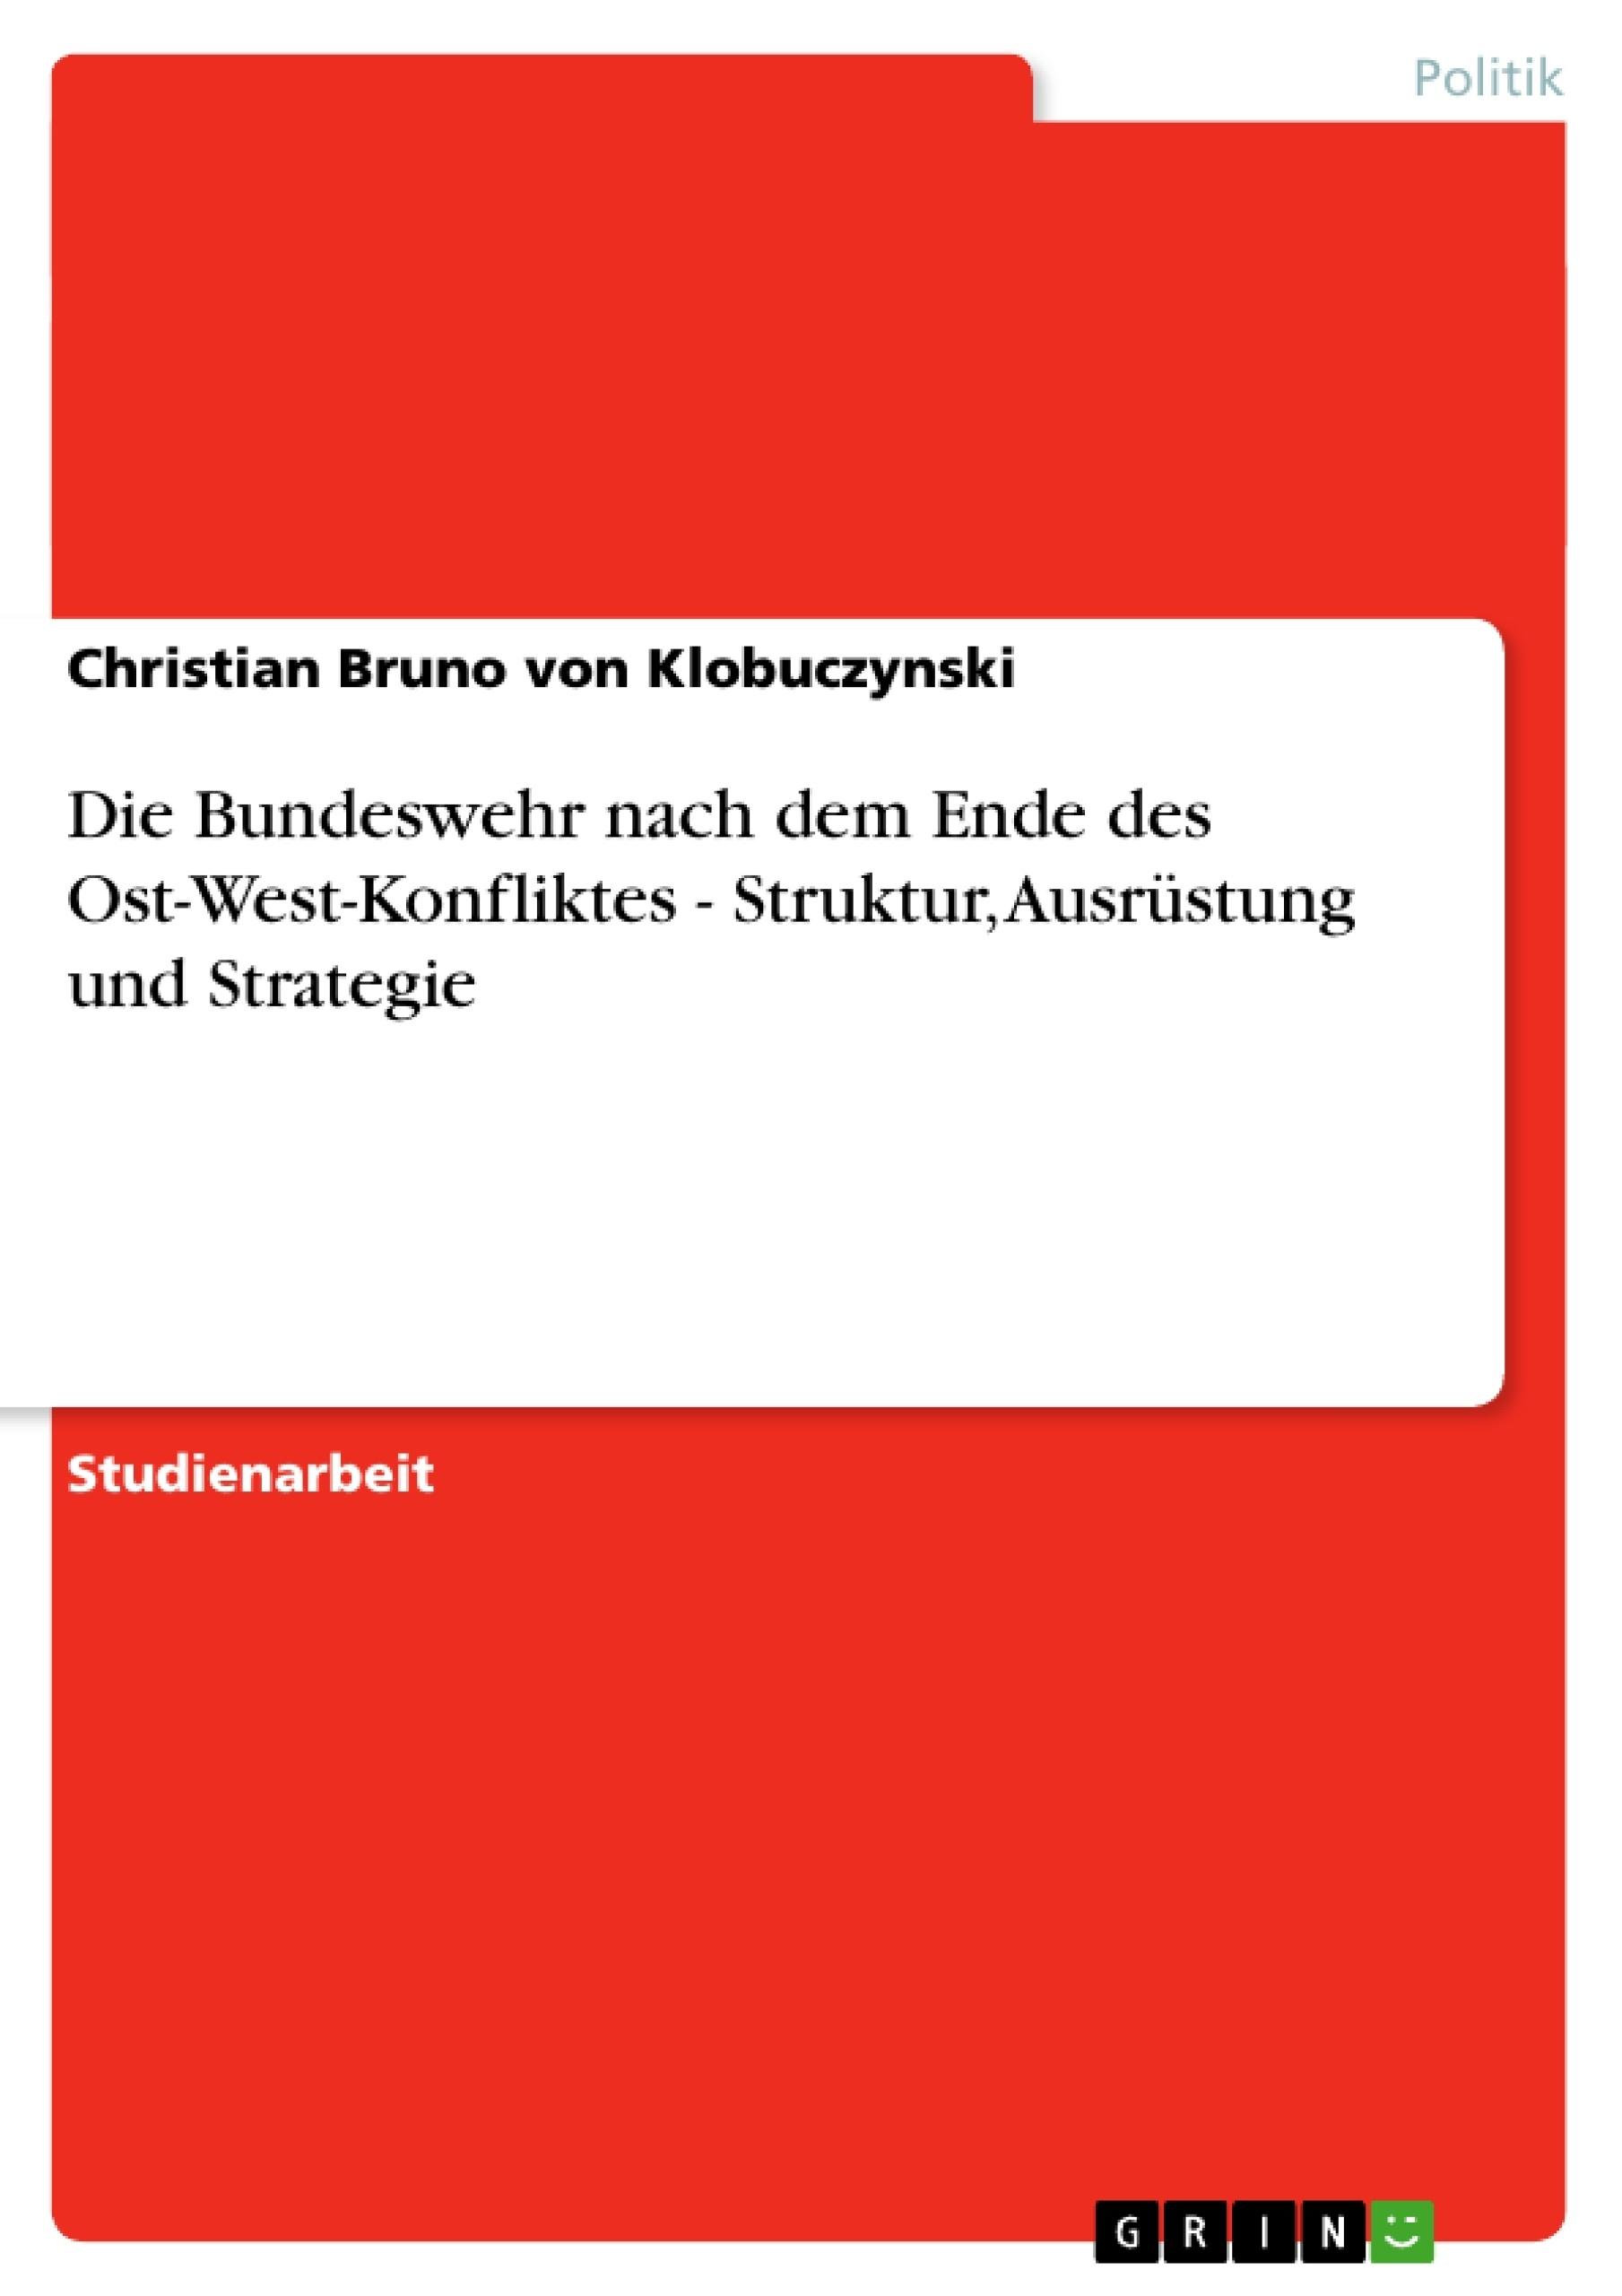 Titel: Die Bundeswehr nach dem Ende des Ost-West-Konfliktes - Struktur, Ausrüstung und Strategie